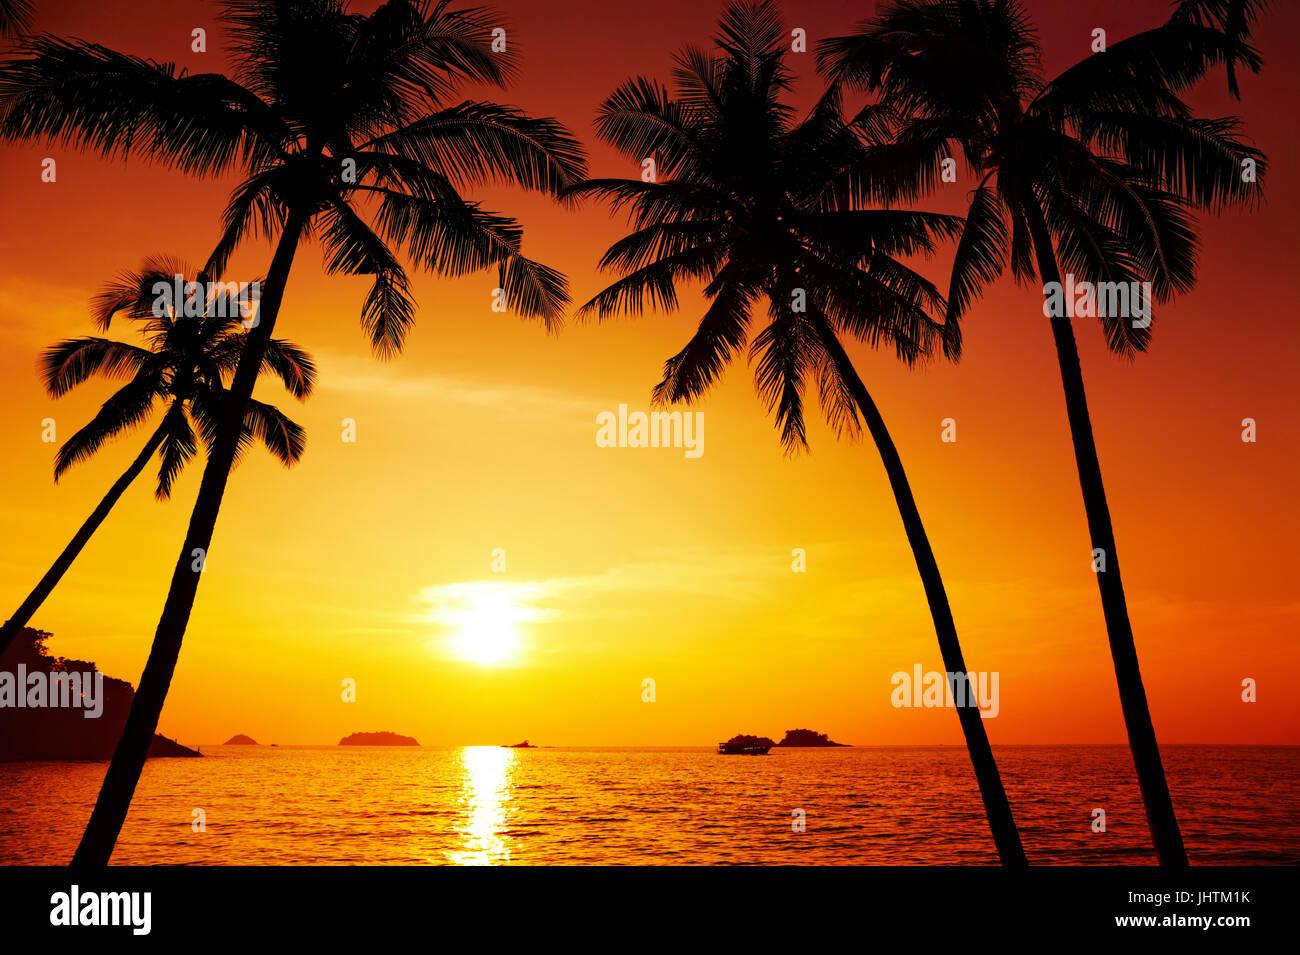 Palme silhouette al tramonto, Isola Chang, Thailandia Immagini Stock